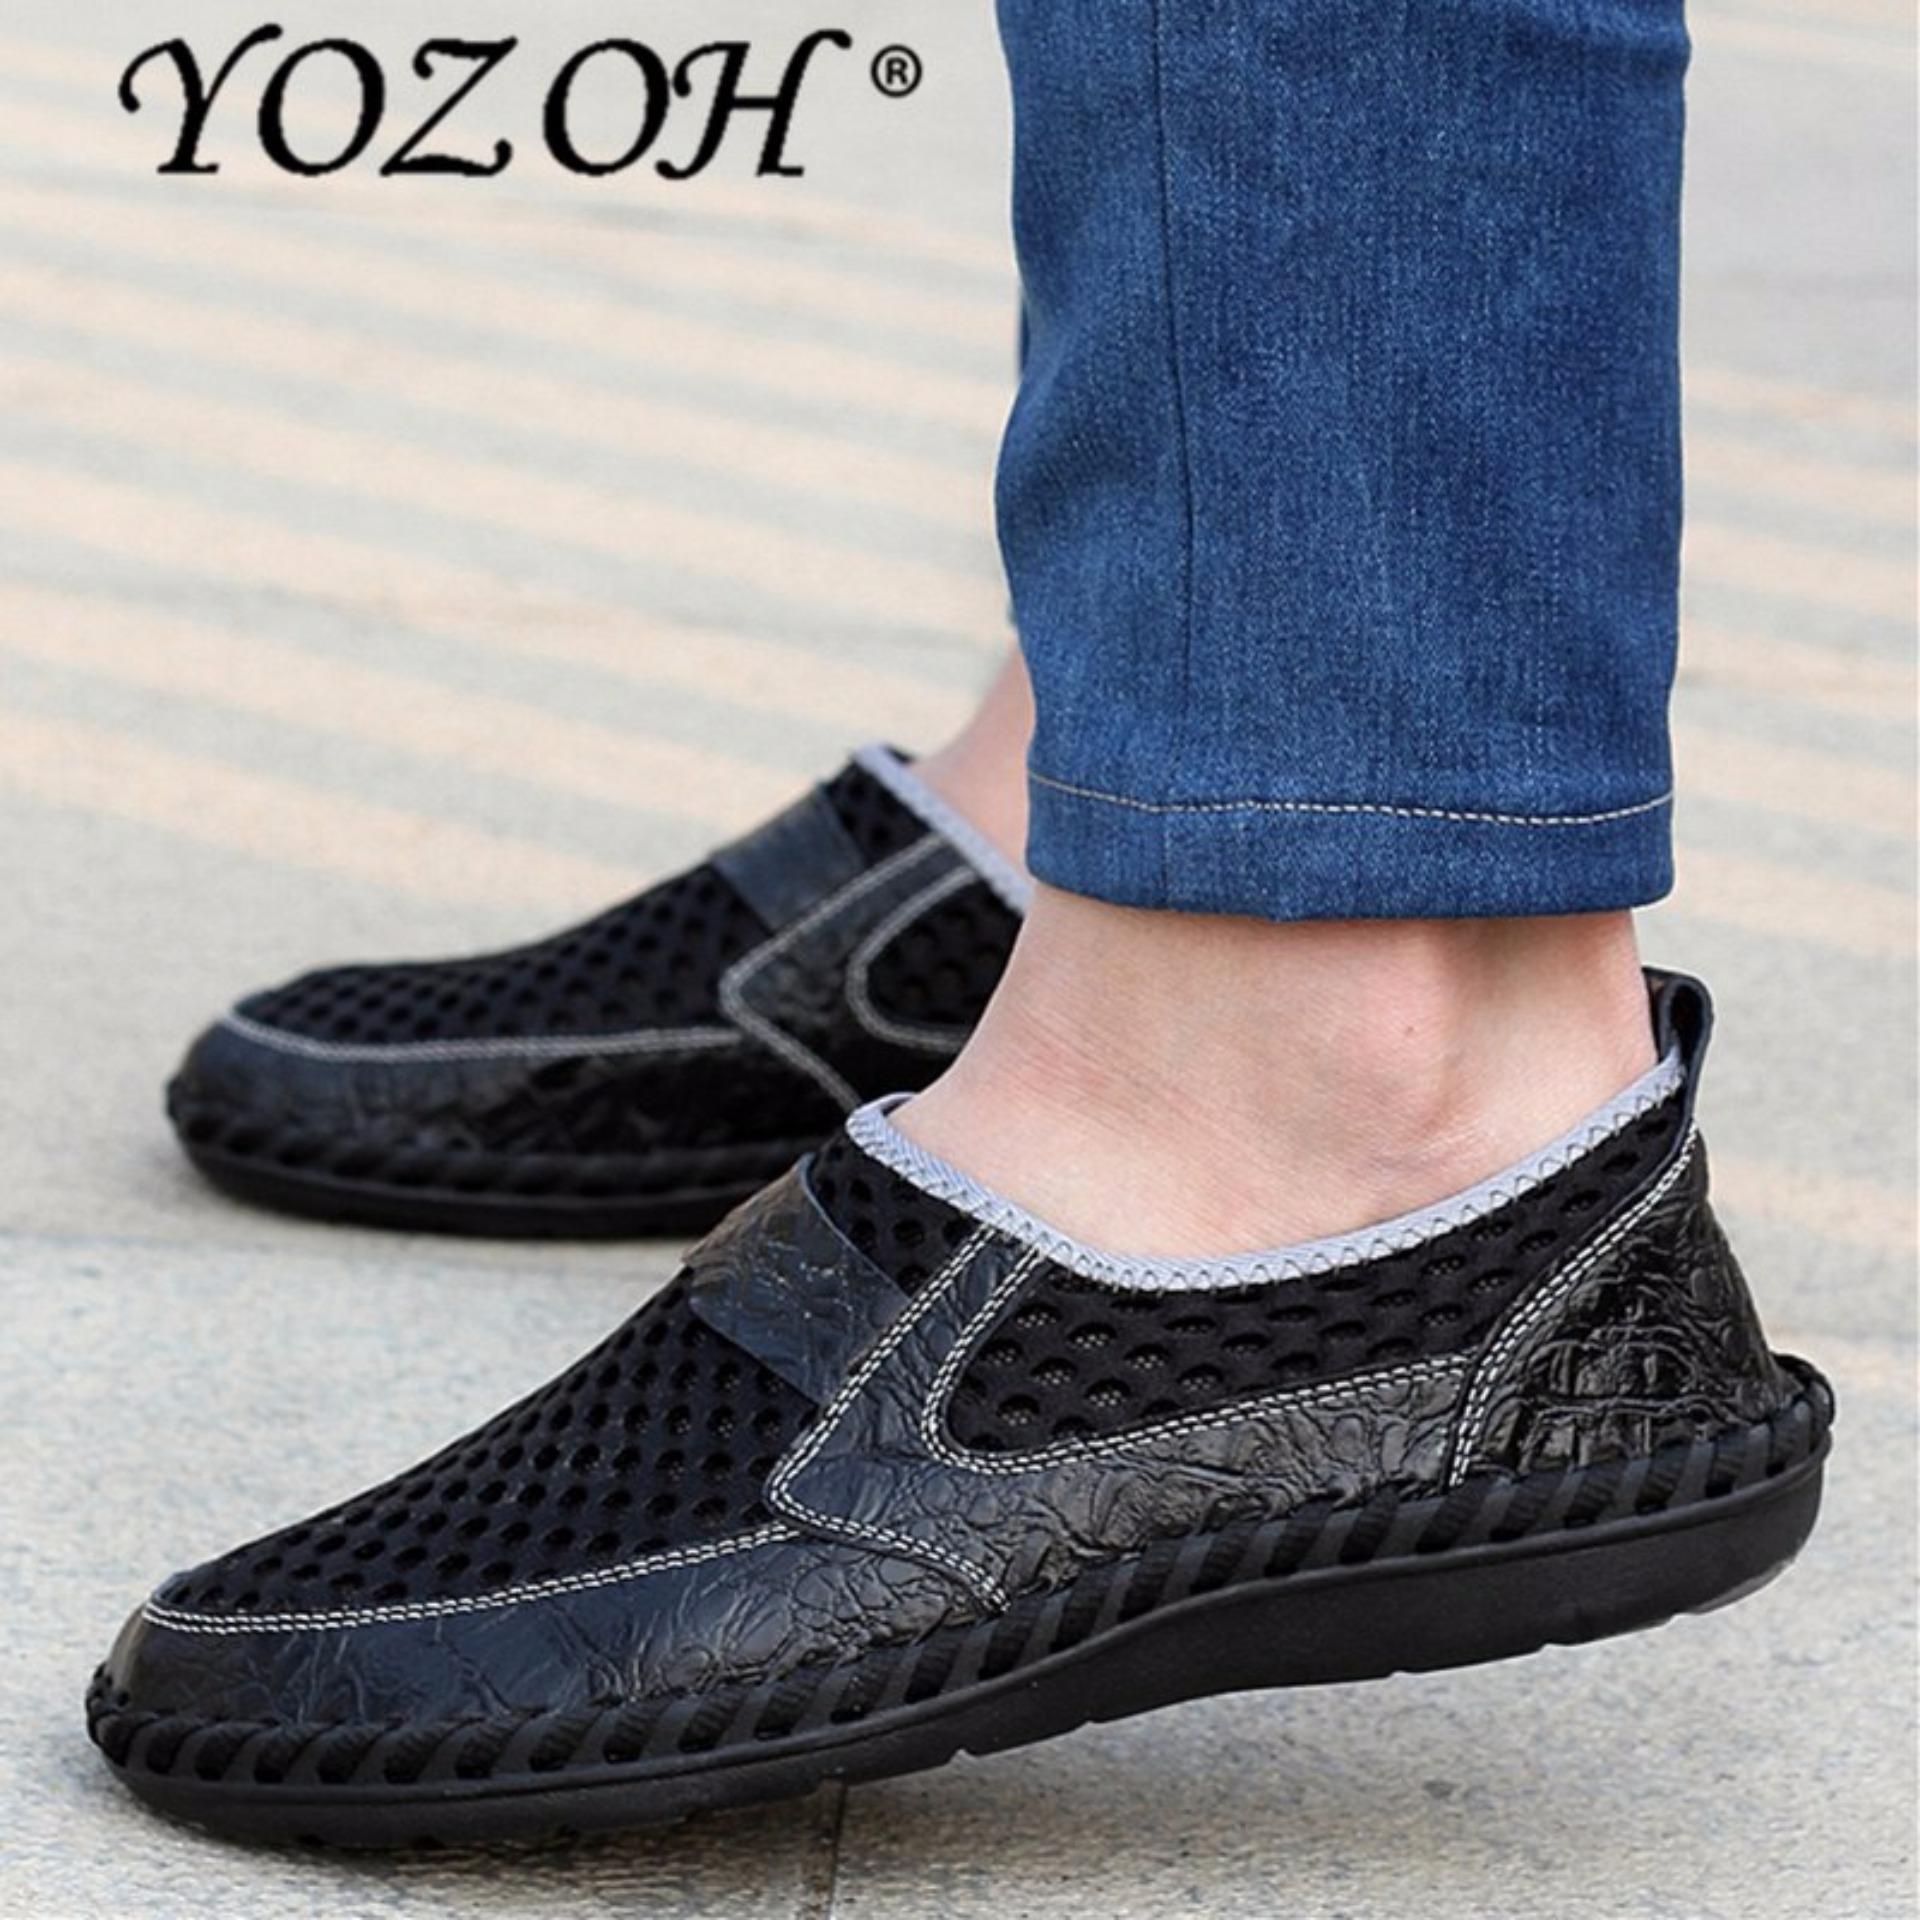 Jual Yozoh Musim Panas Bernapas Mesh Sepatu Sepatu Kasual Pria Kulit Asli Slip On Brand Fashion Sepatu Musim Panas Pria Lembut Nyaman Hitam Yozoh Grosir